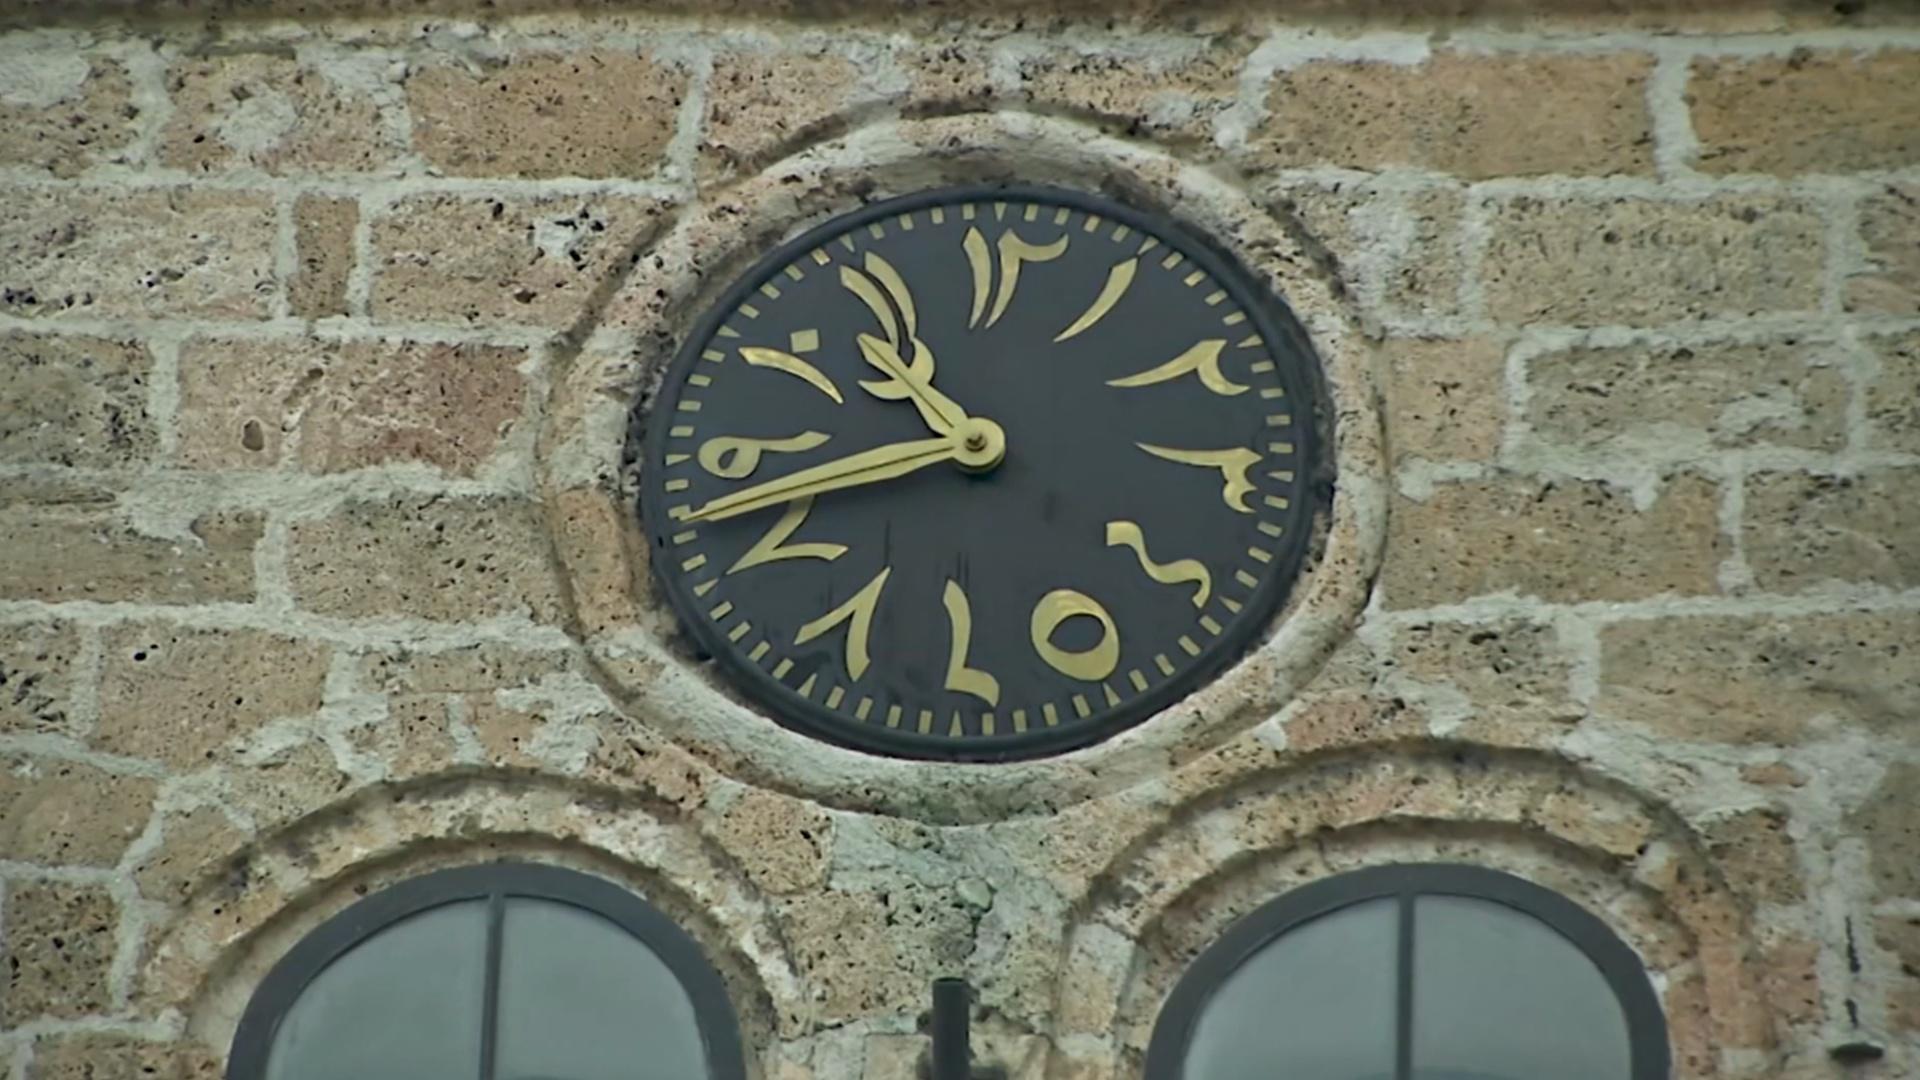 Старинные часы в Сараеве по-прежнему показывают необычное время